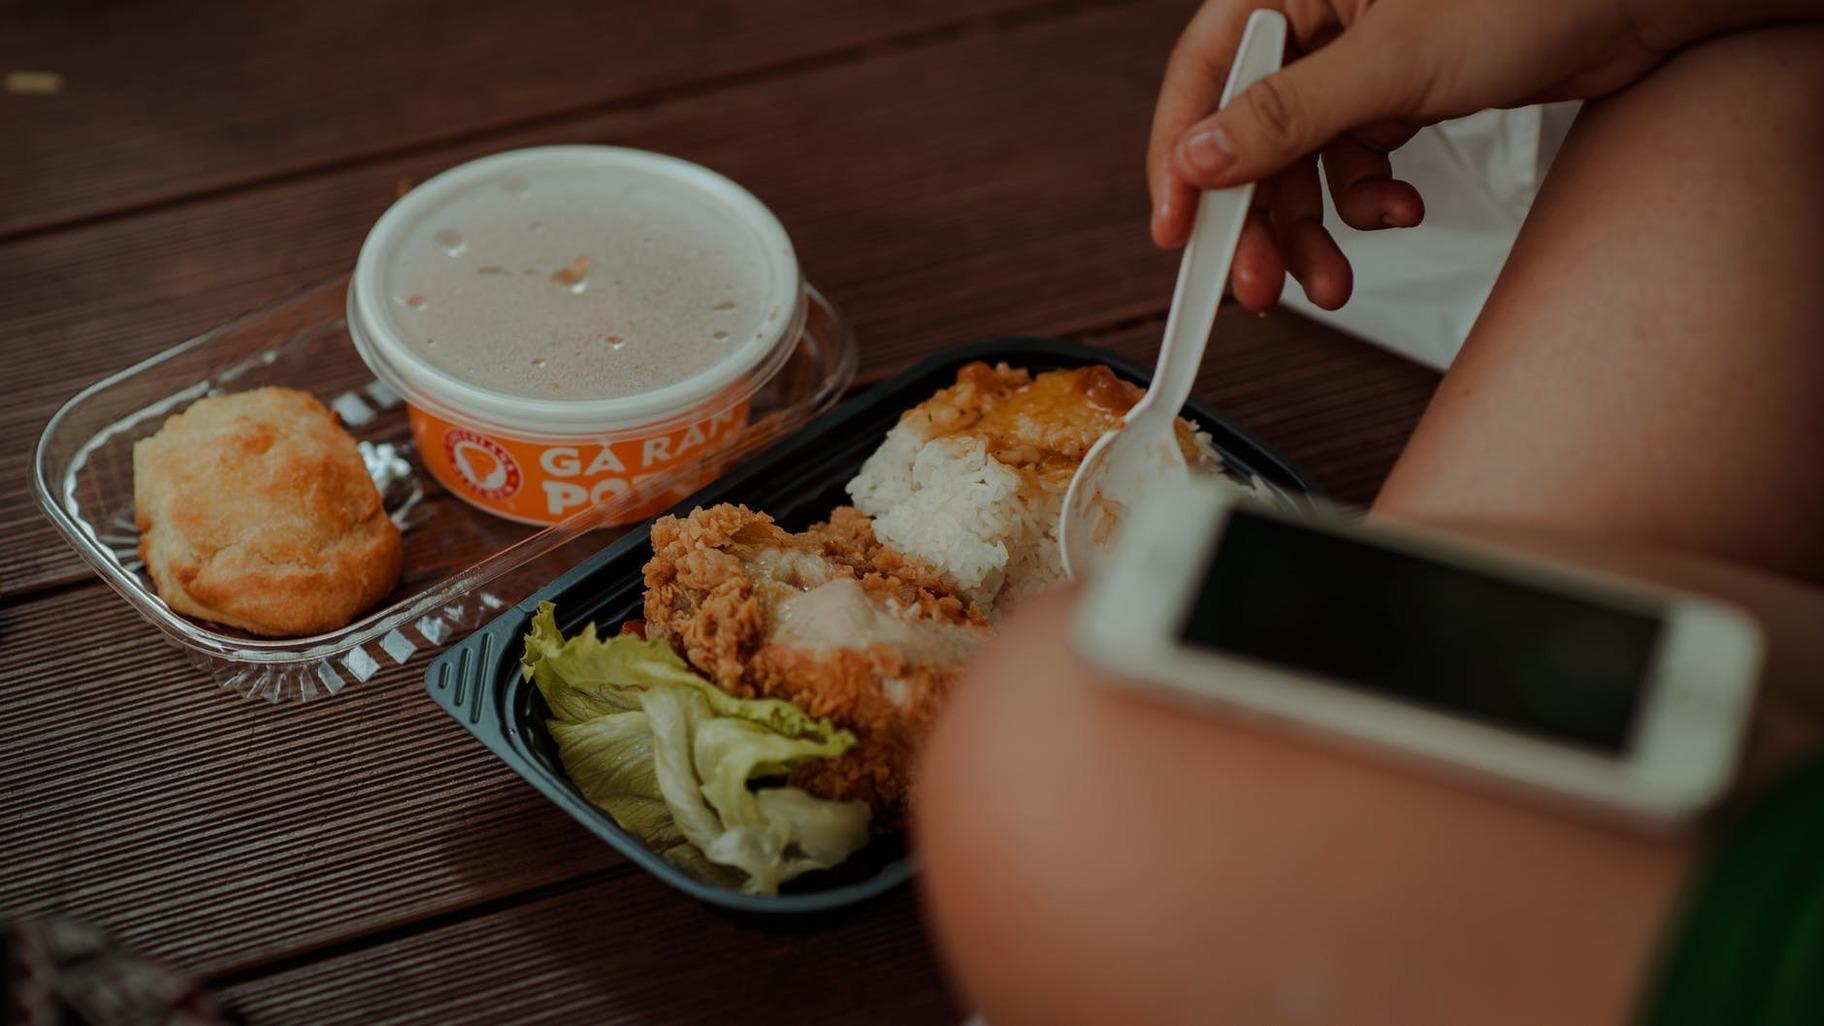 Plastic food helpimeter